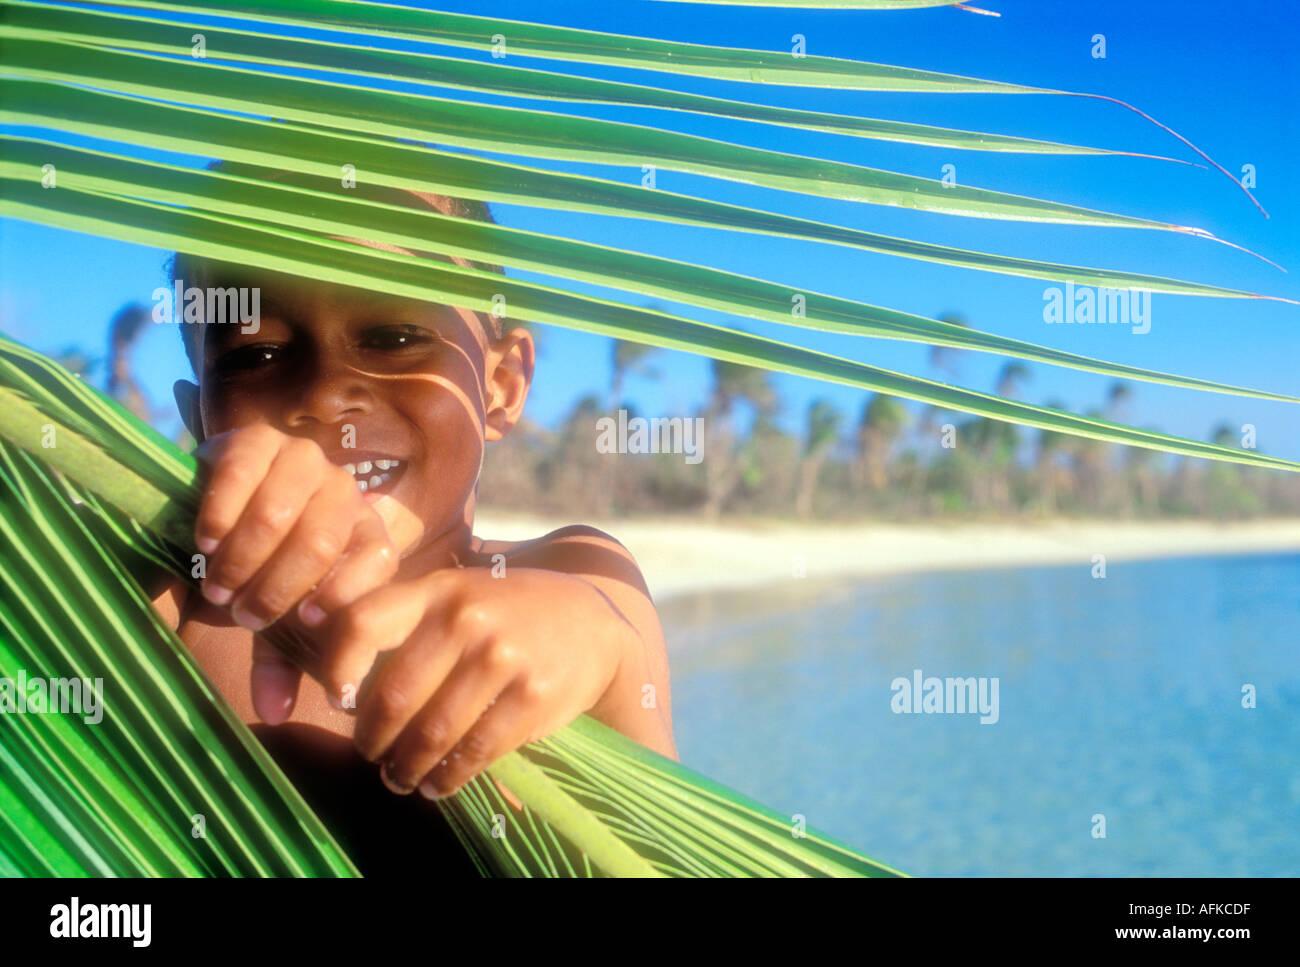 Jeune garçon fidjien à par palmier Yasawa Islands Fidji Océan Pacifique Sud Parution Modèle droit Photo Stock